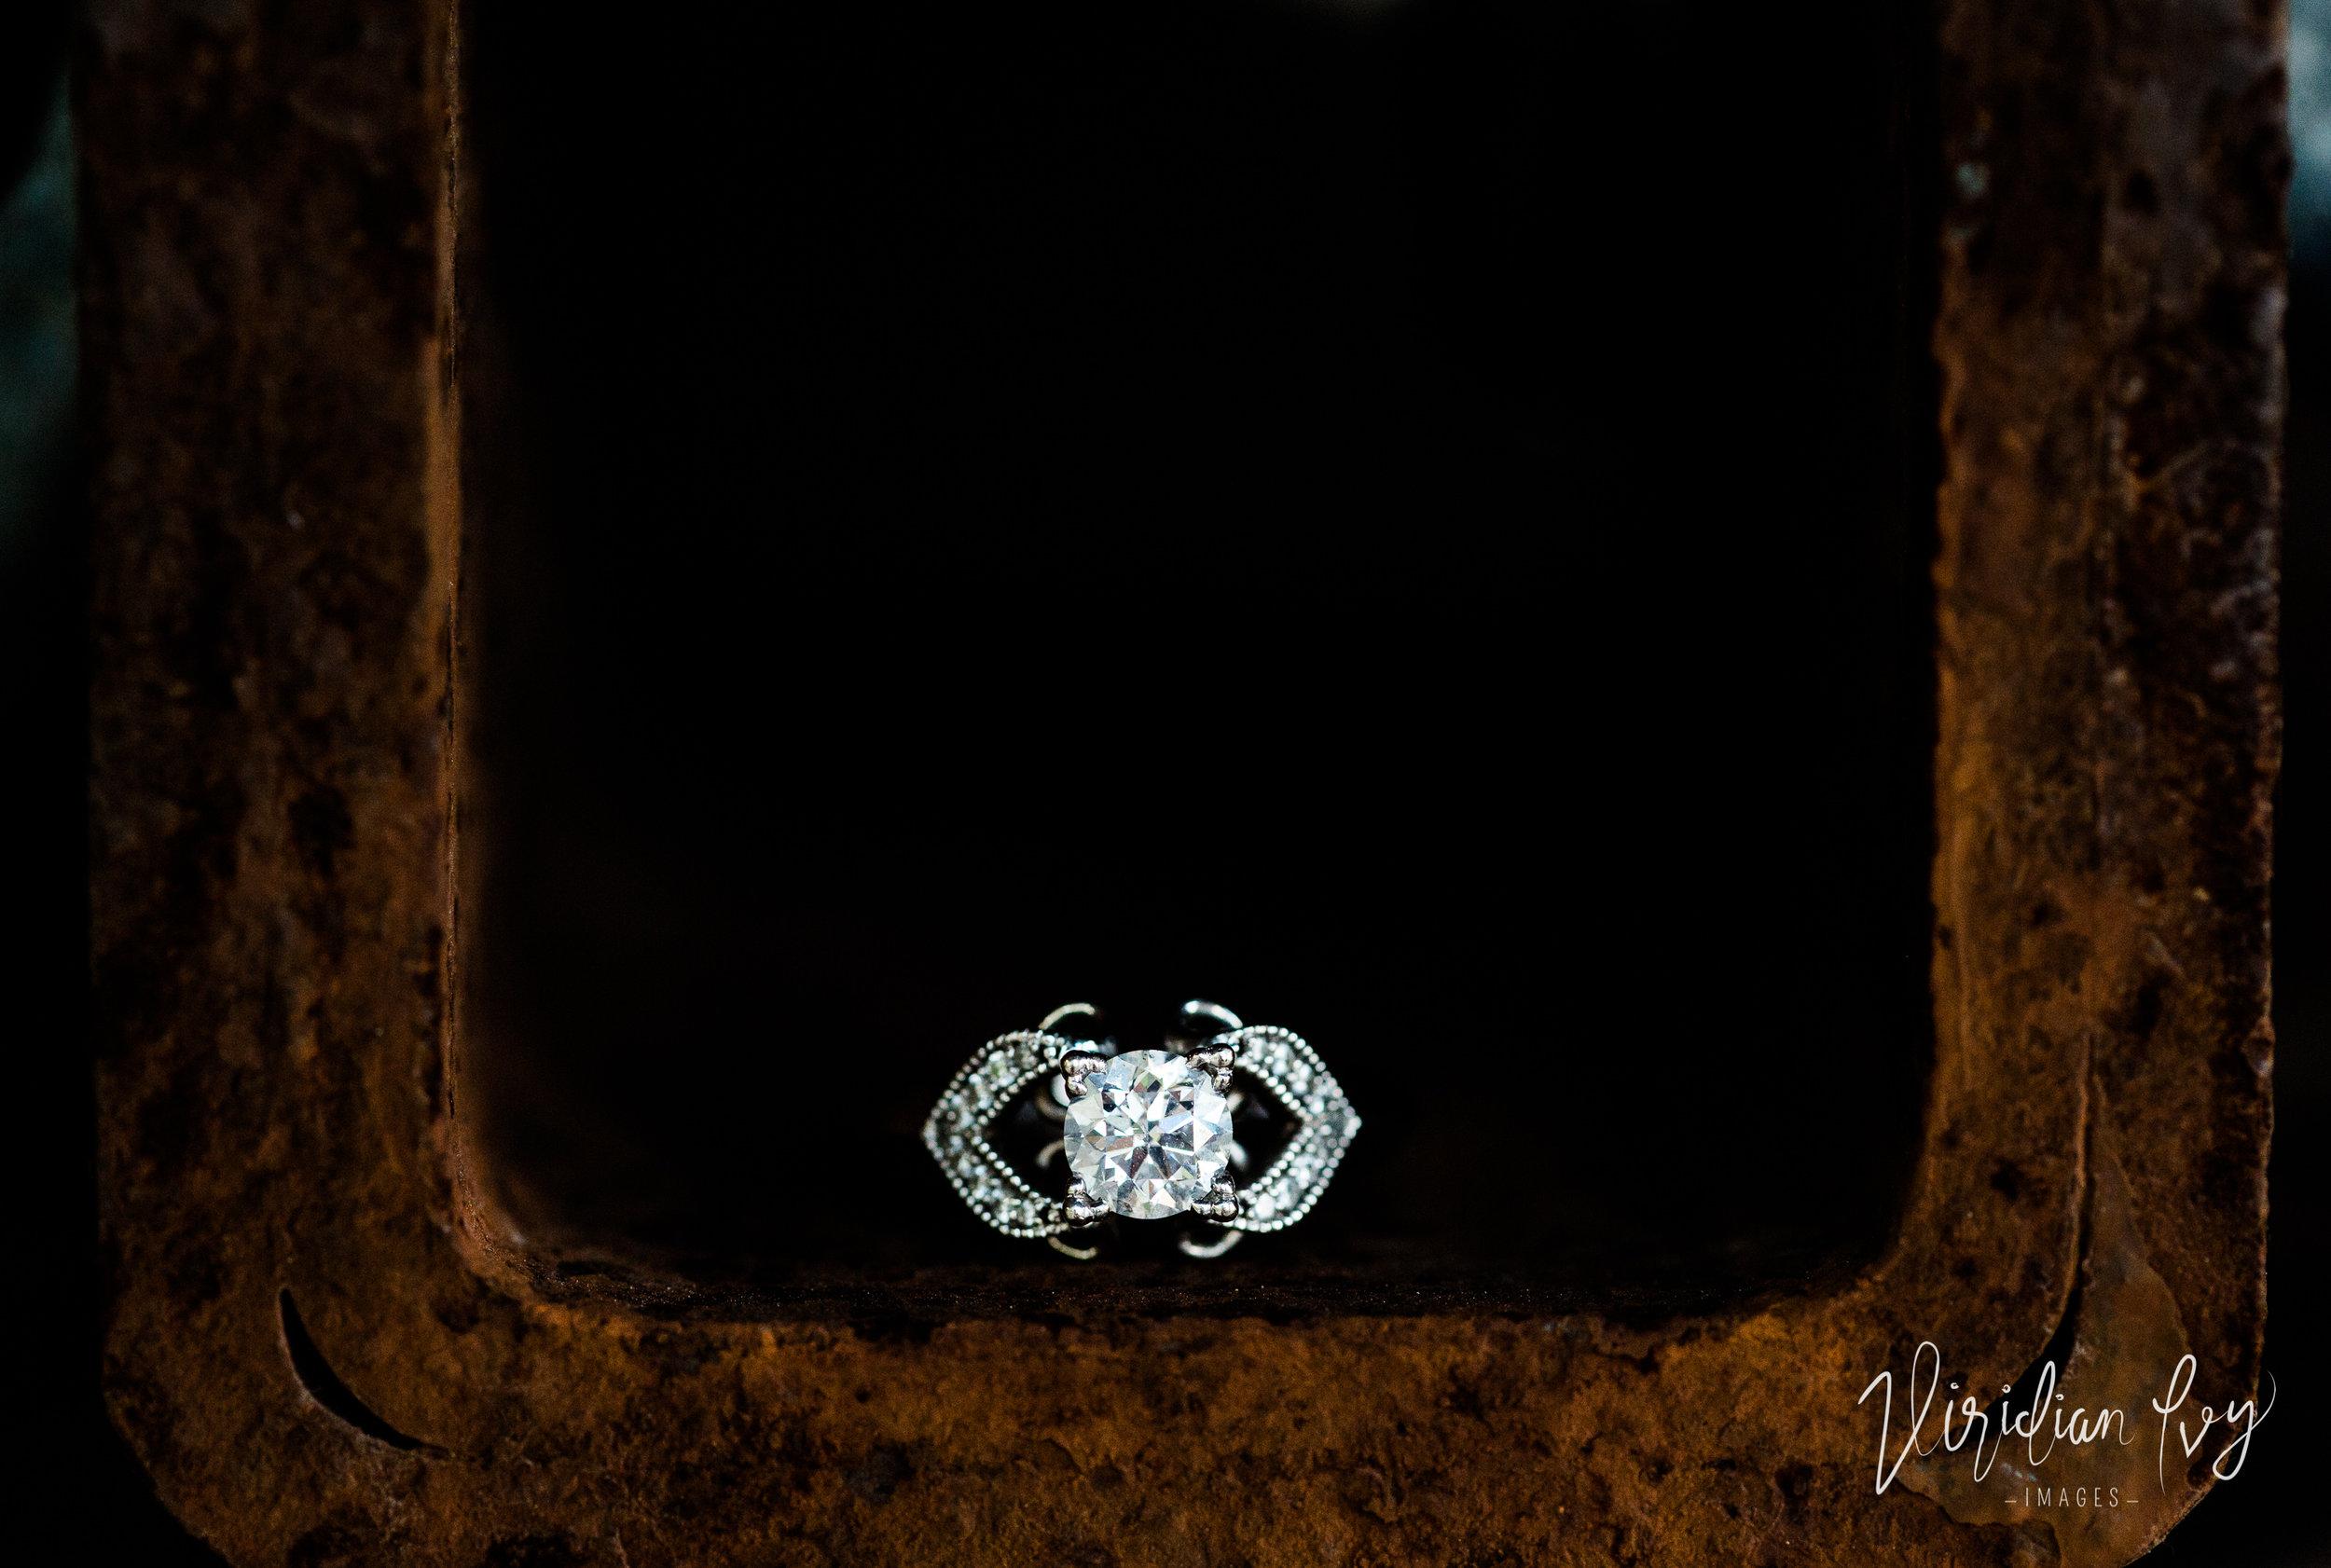 Viridian Ivy Images | SE Michigan Engagement Photographer| Ohio Wedding Photographer